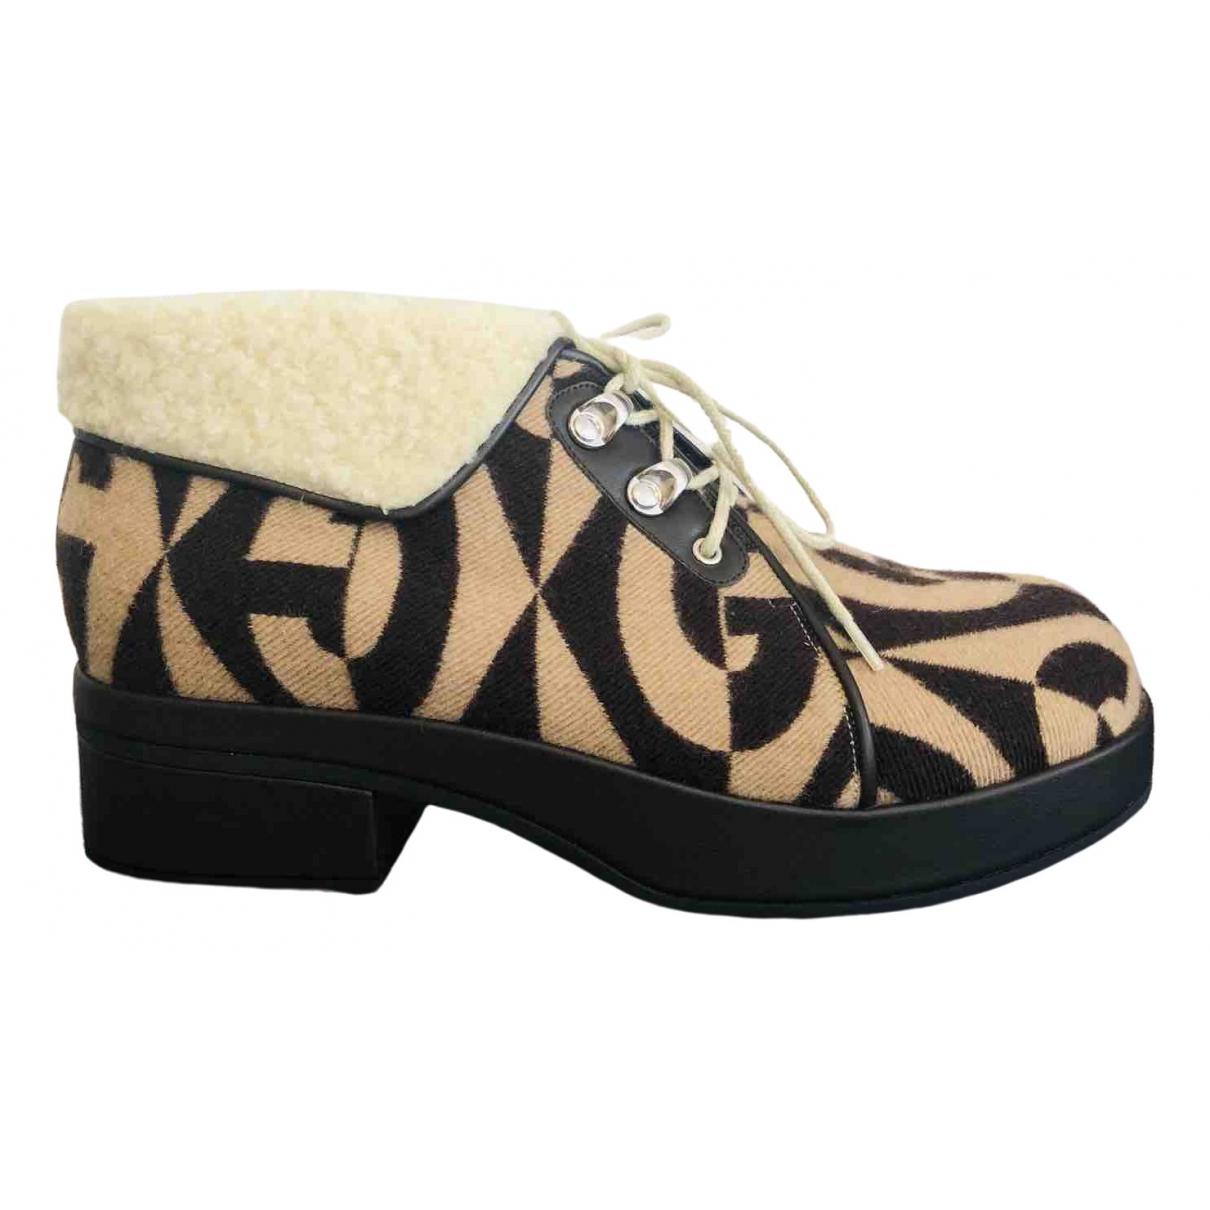 Gucci - Boots   pour femme en fourrure synthetique - marron